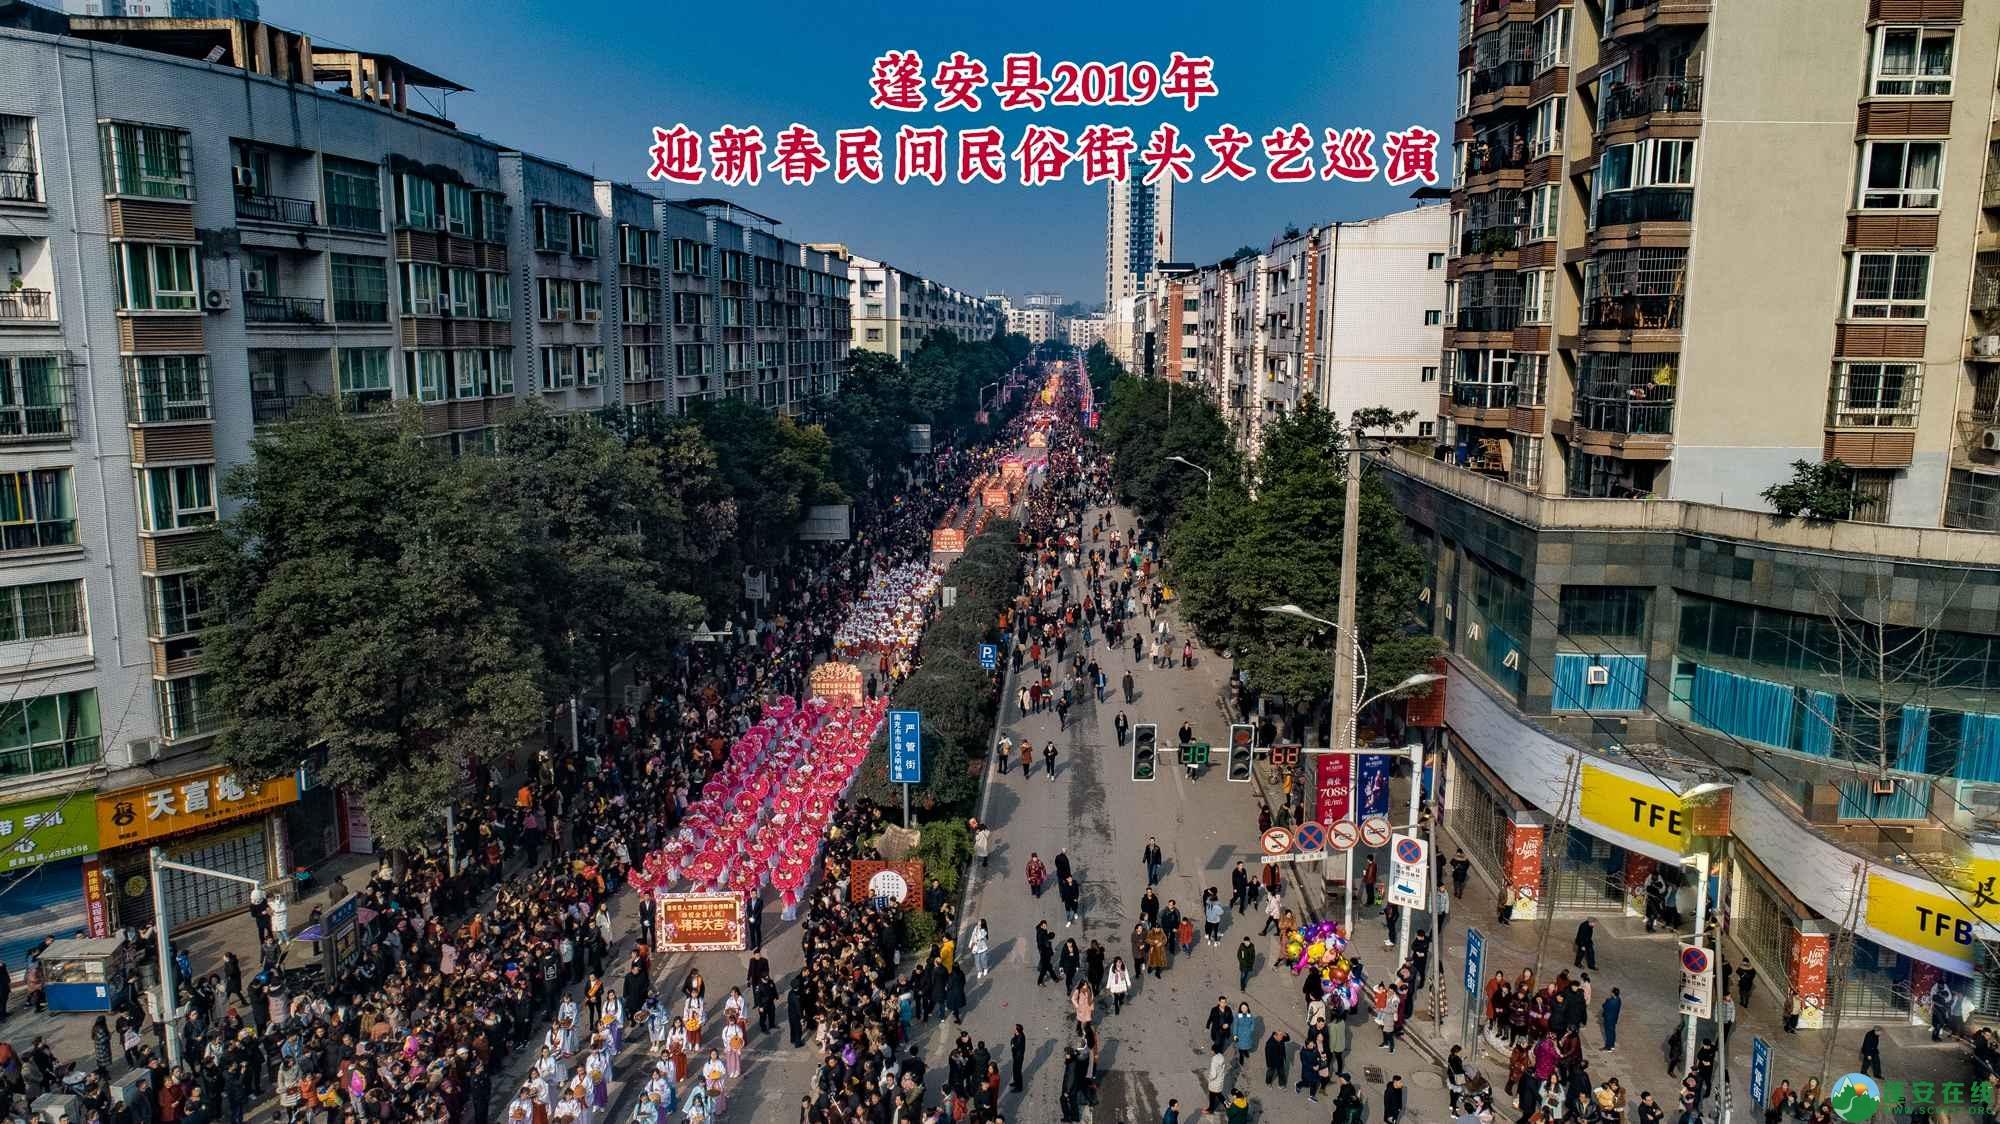 蓬安县2019年迎新春民间民俗街头文艺巡演精彩片段 - 第12张  | 蓬安在线